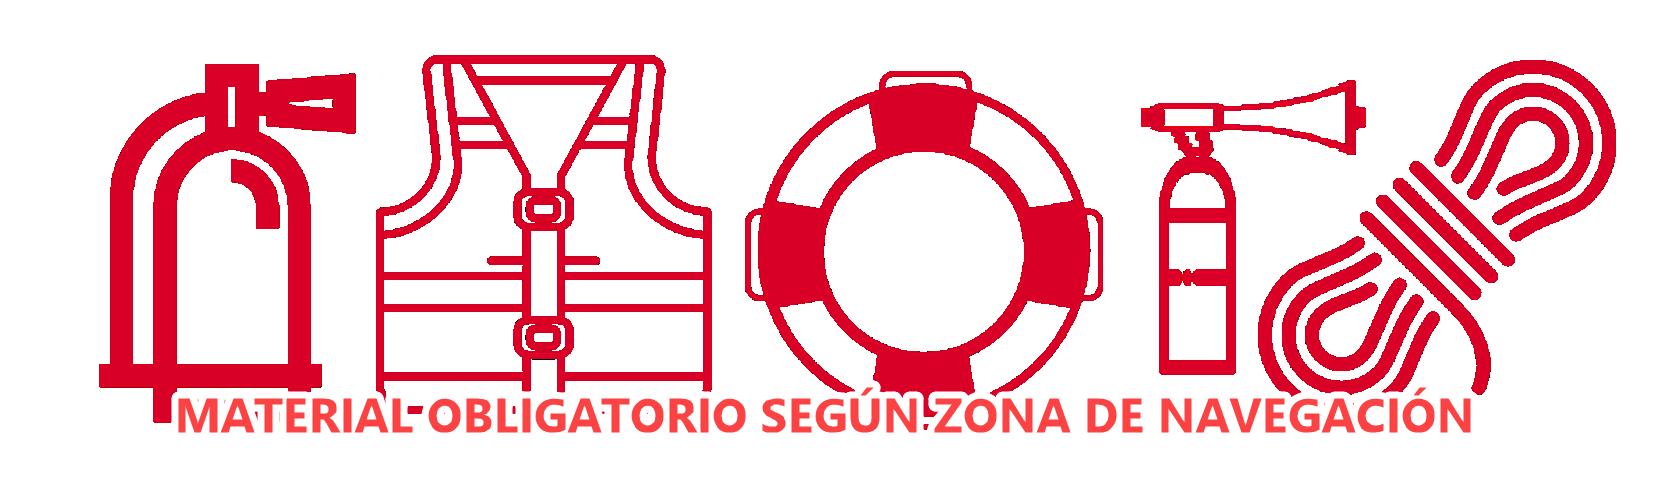 Material obligatorio según zona navegación